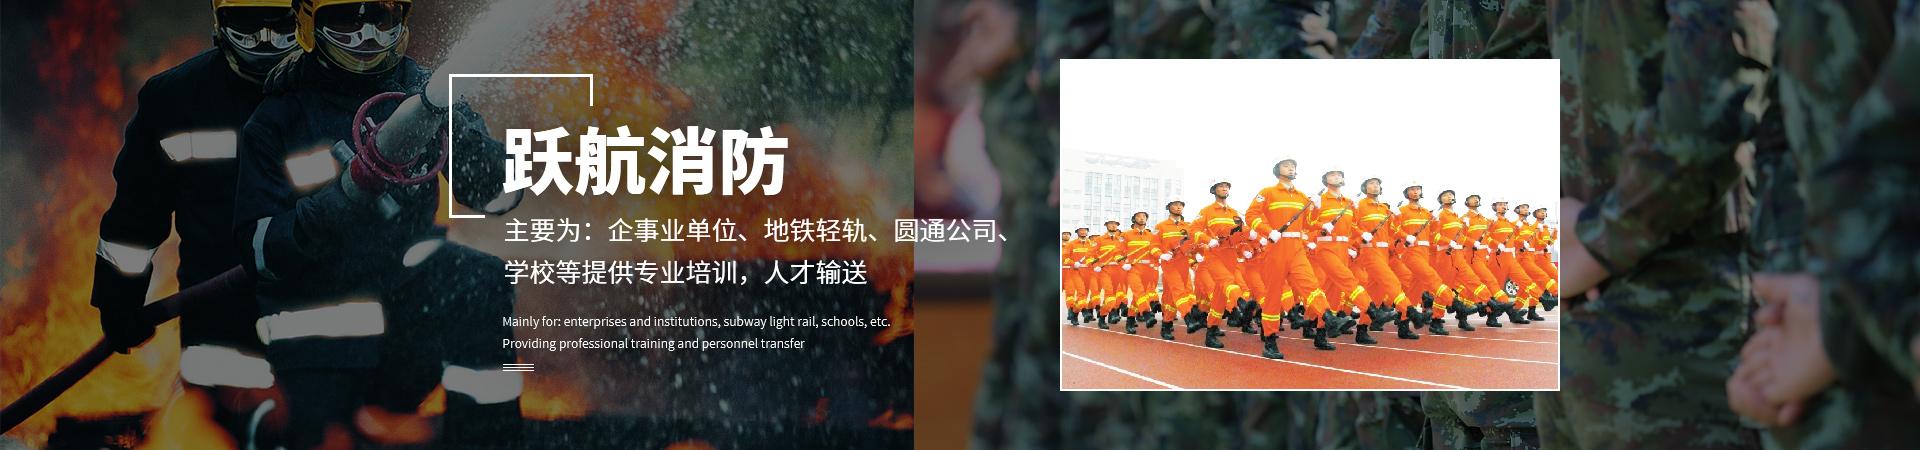 重庆专职消防